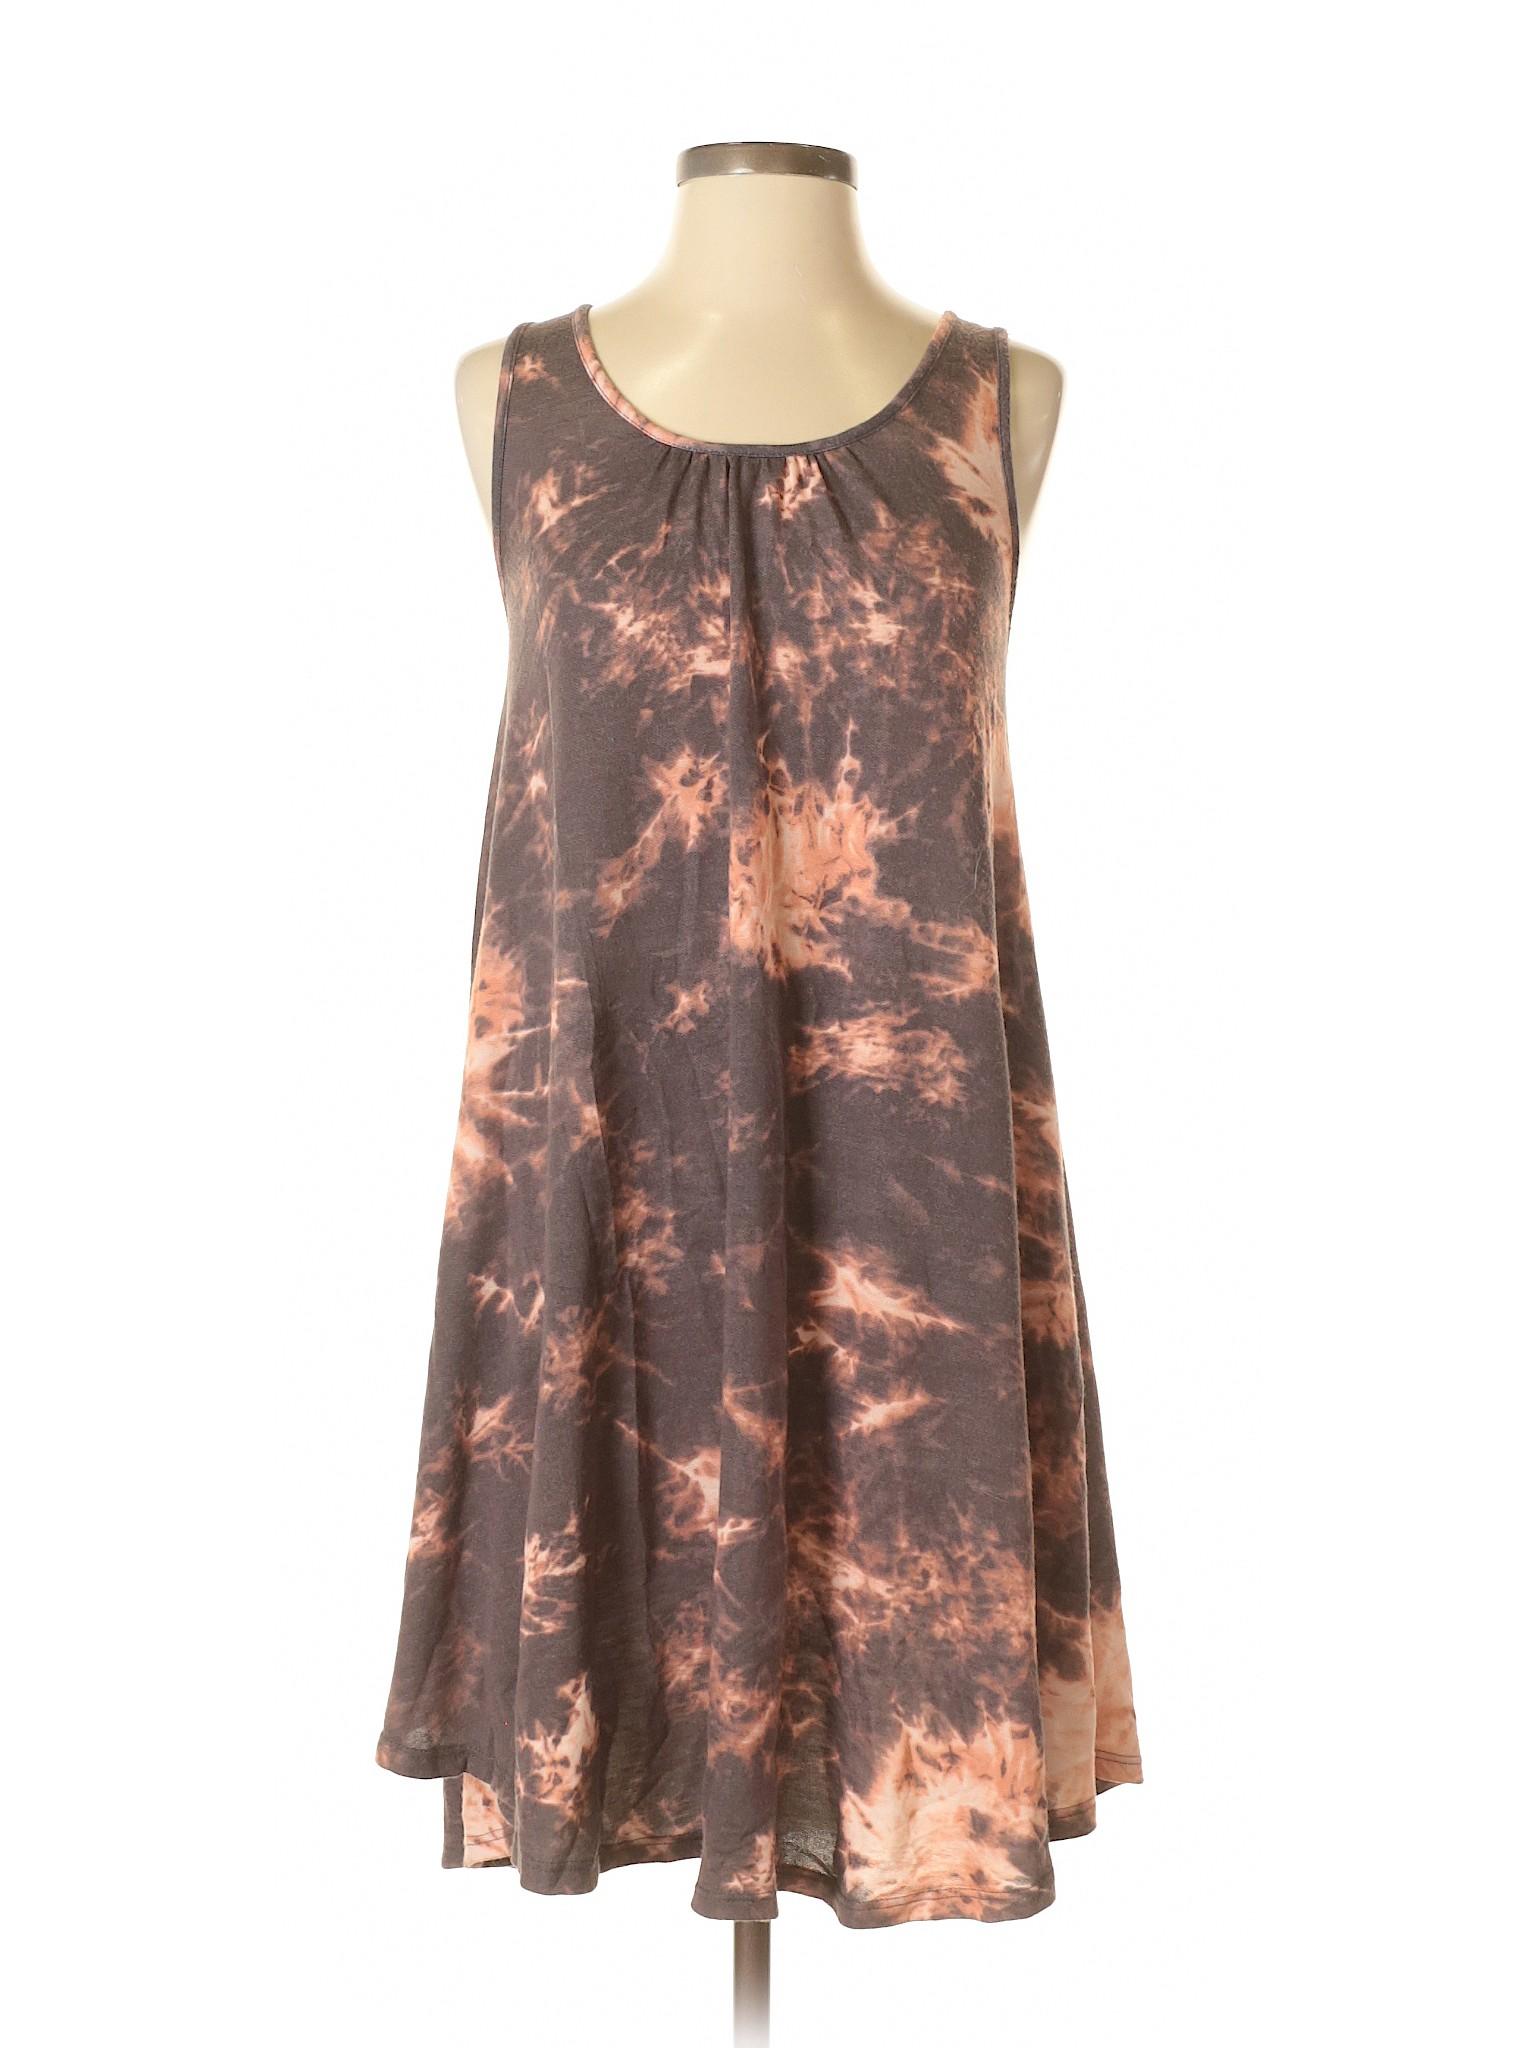 Entro winter winter Boutique Boutique winter Casual Dress Casual Boutique Dress Entro Casual Entro Dress HqSEqxBwt